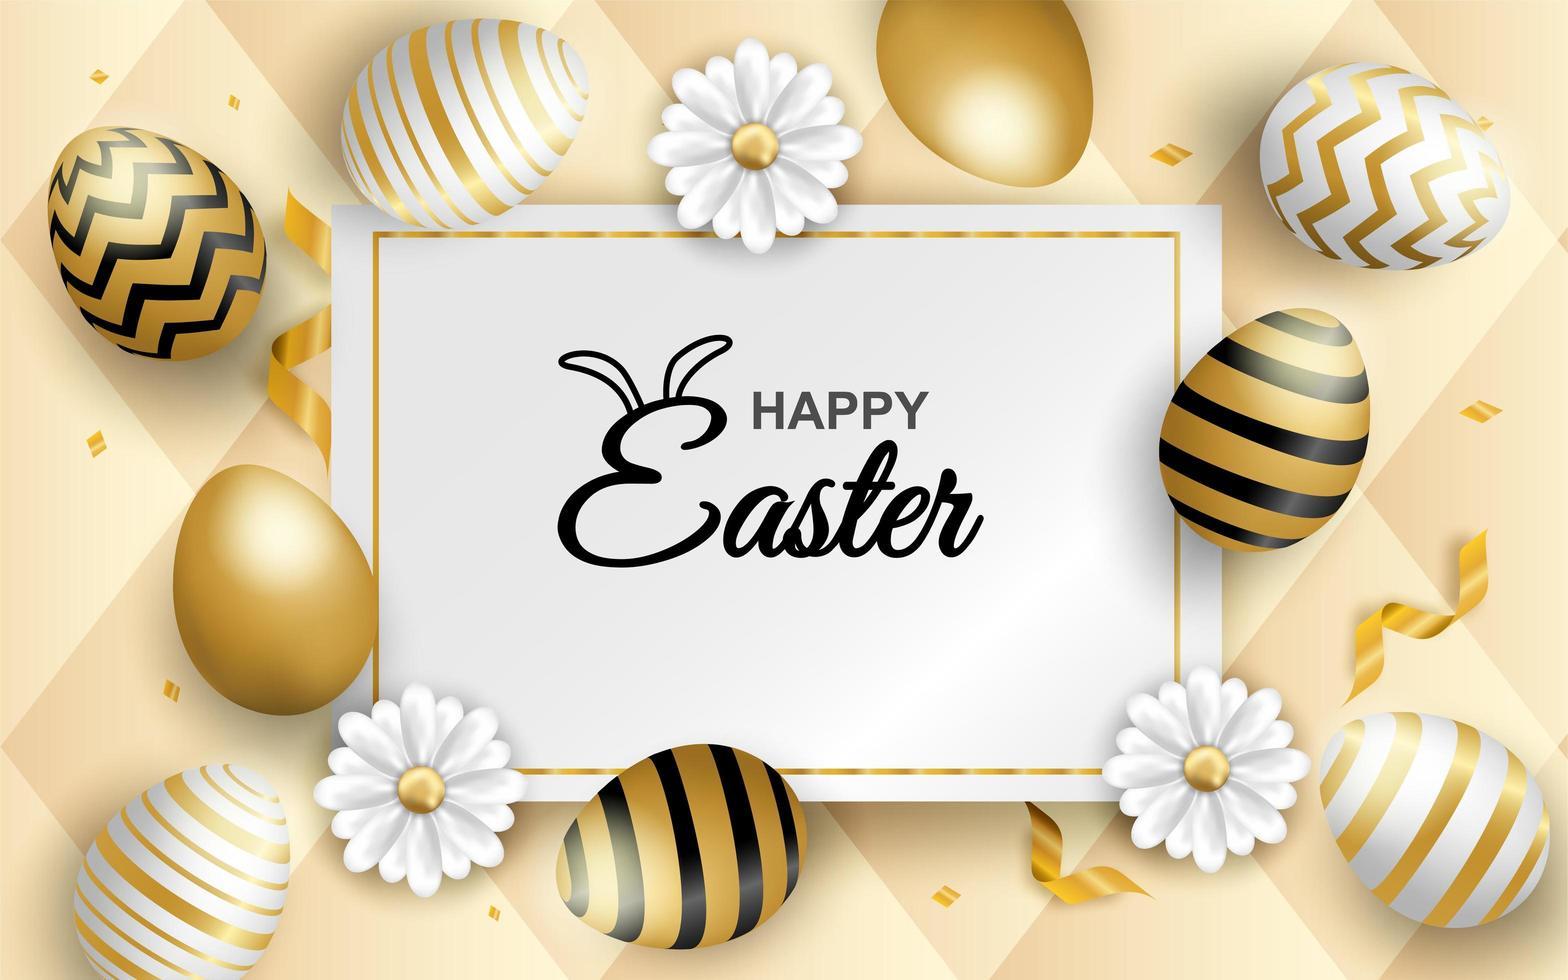 huevo de Pascua dorado y blanco sobre fondo suave en relieve vector